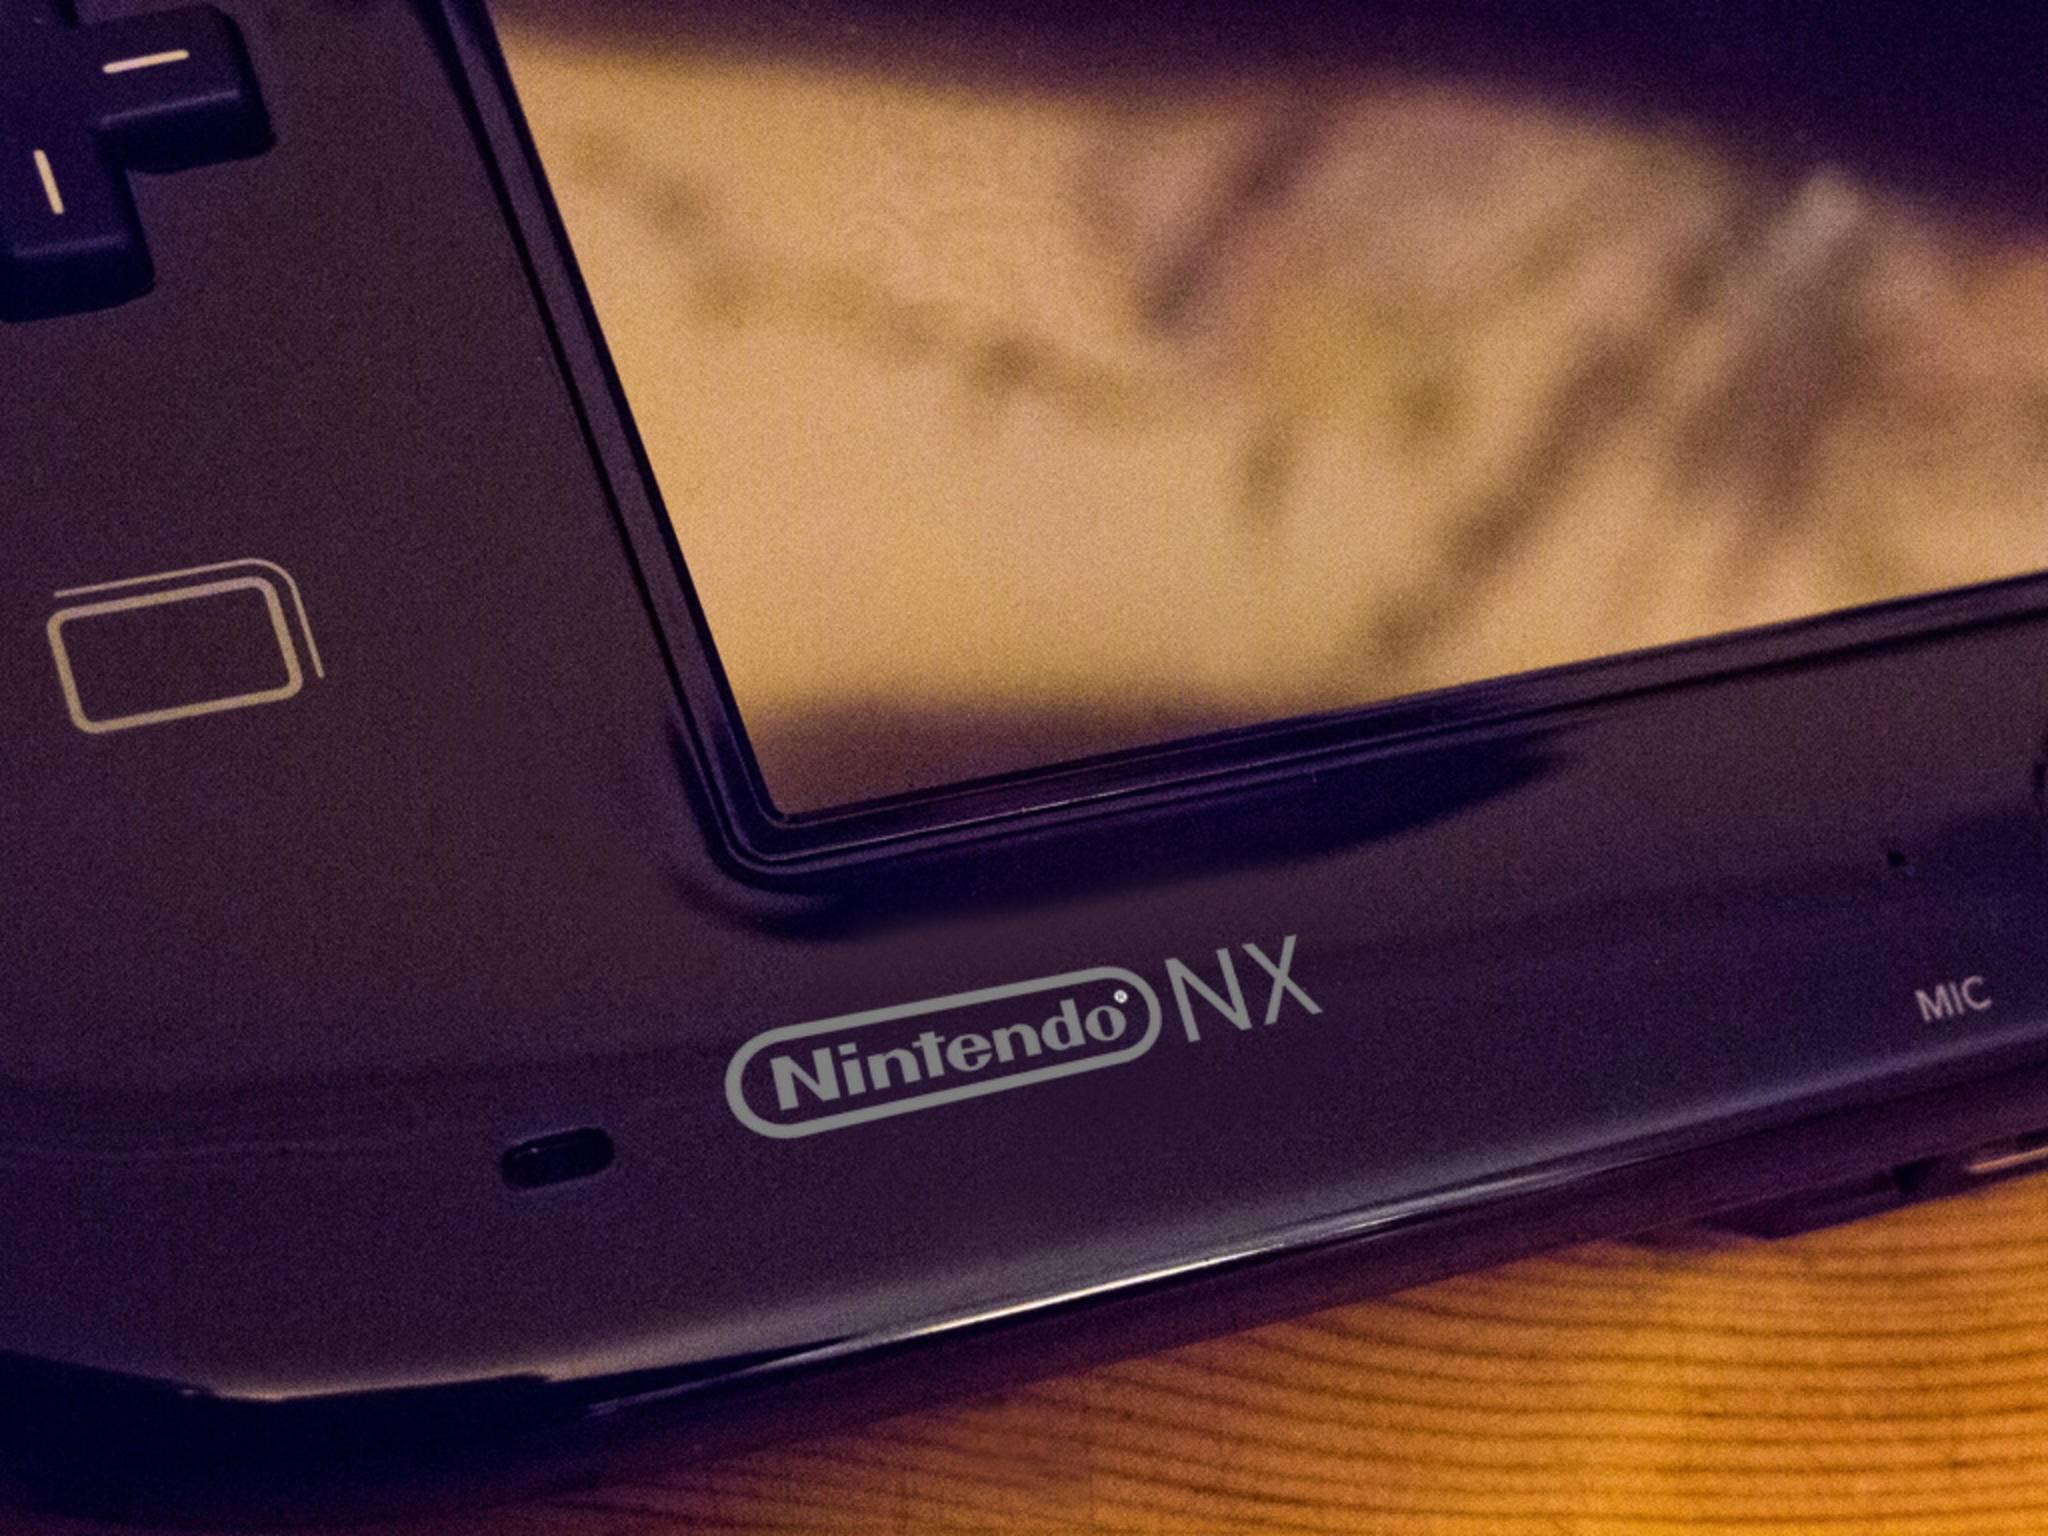 Zeigt ein Patent bereits das Gamepad der Nintendo NX?